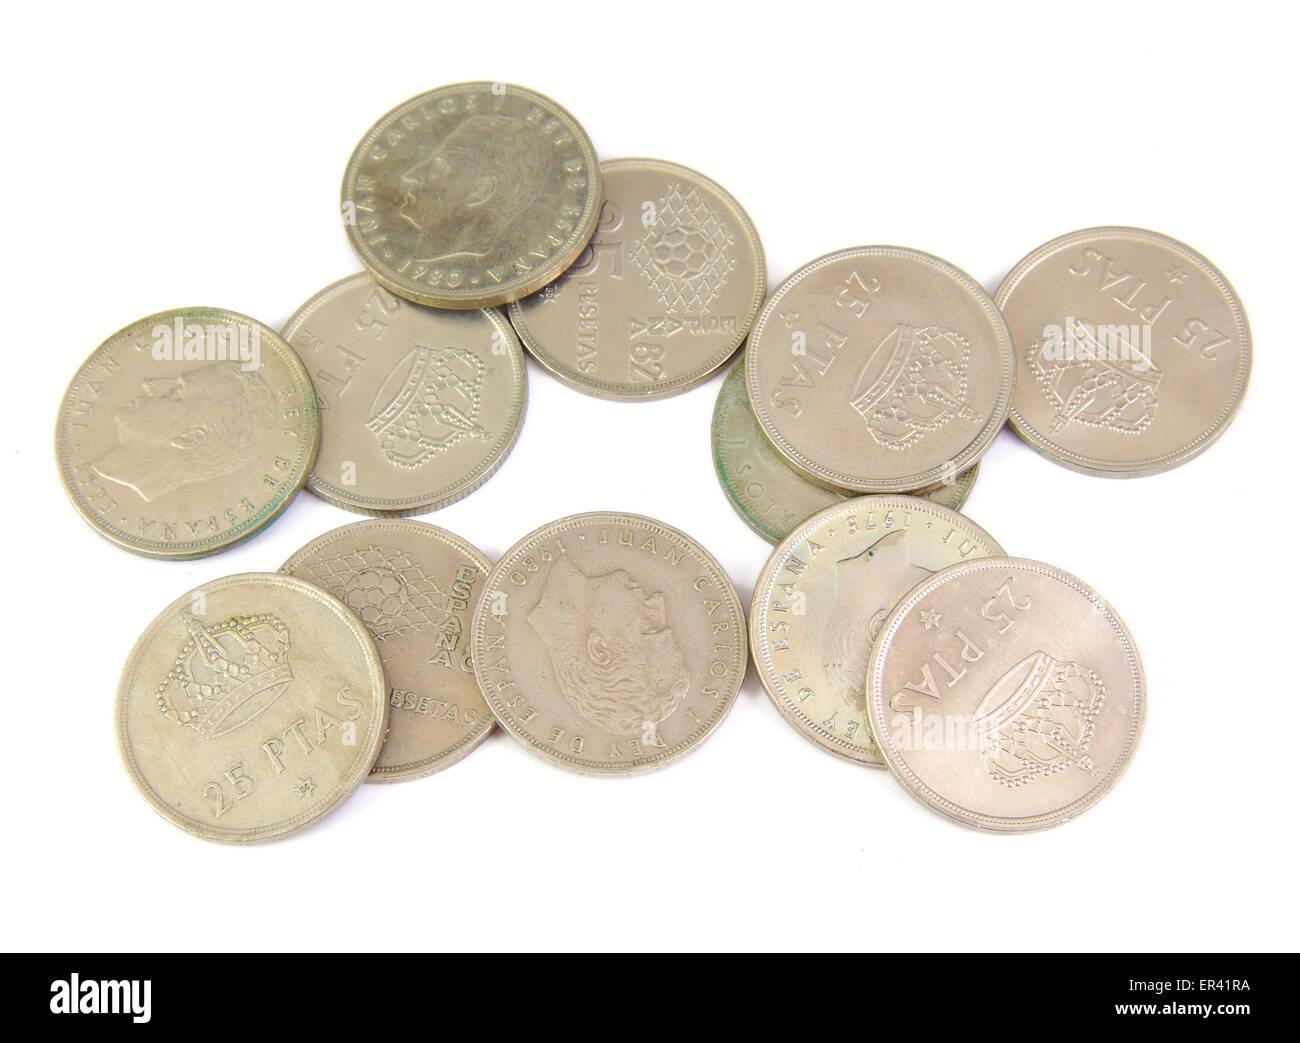 Haufen Von Alten Spanischen Münzen Isoliert Auf Weißem Hintergrund